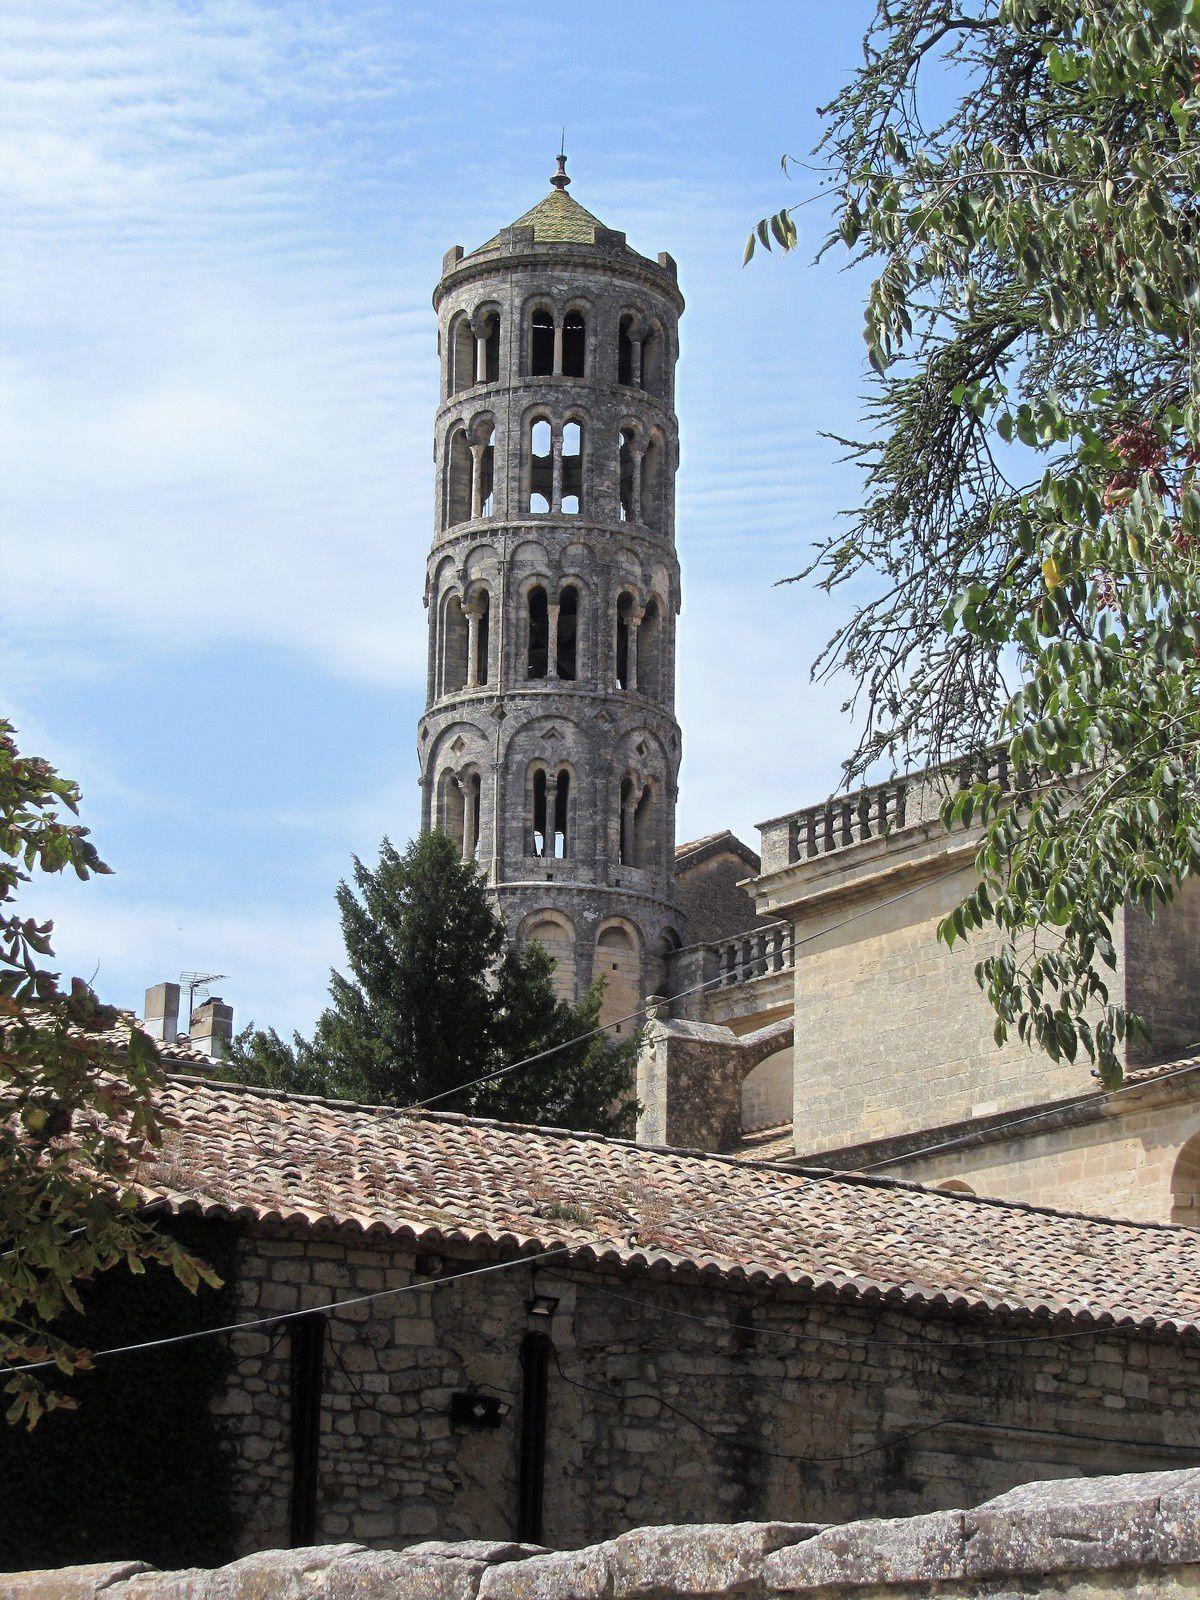 C'est en fait un vestige de l'ancienne cathédrale et l'unique exemple en France de clocher rond.